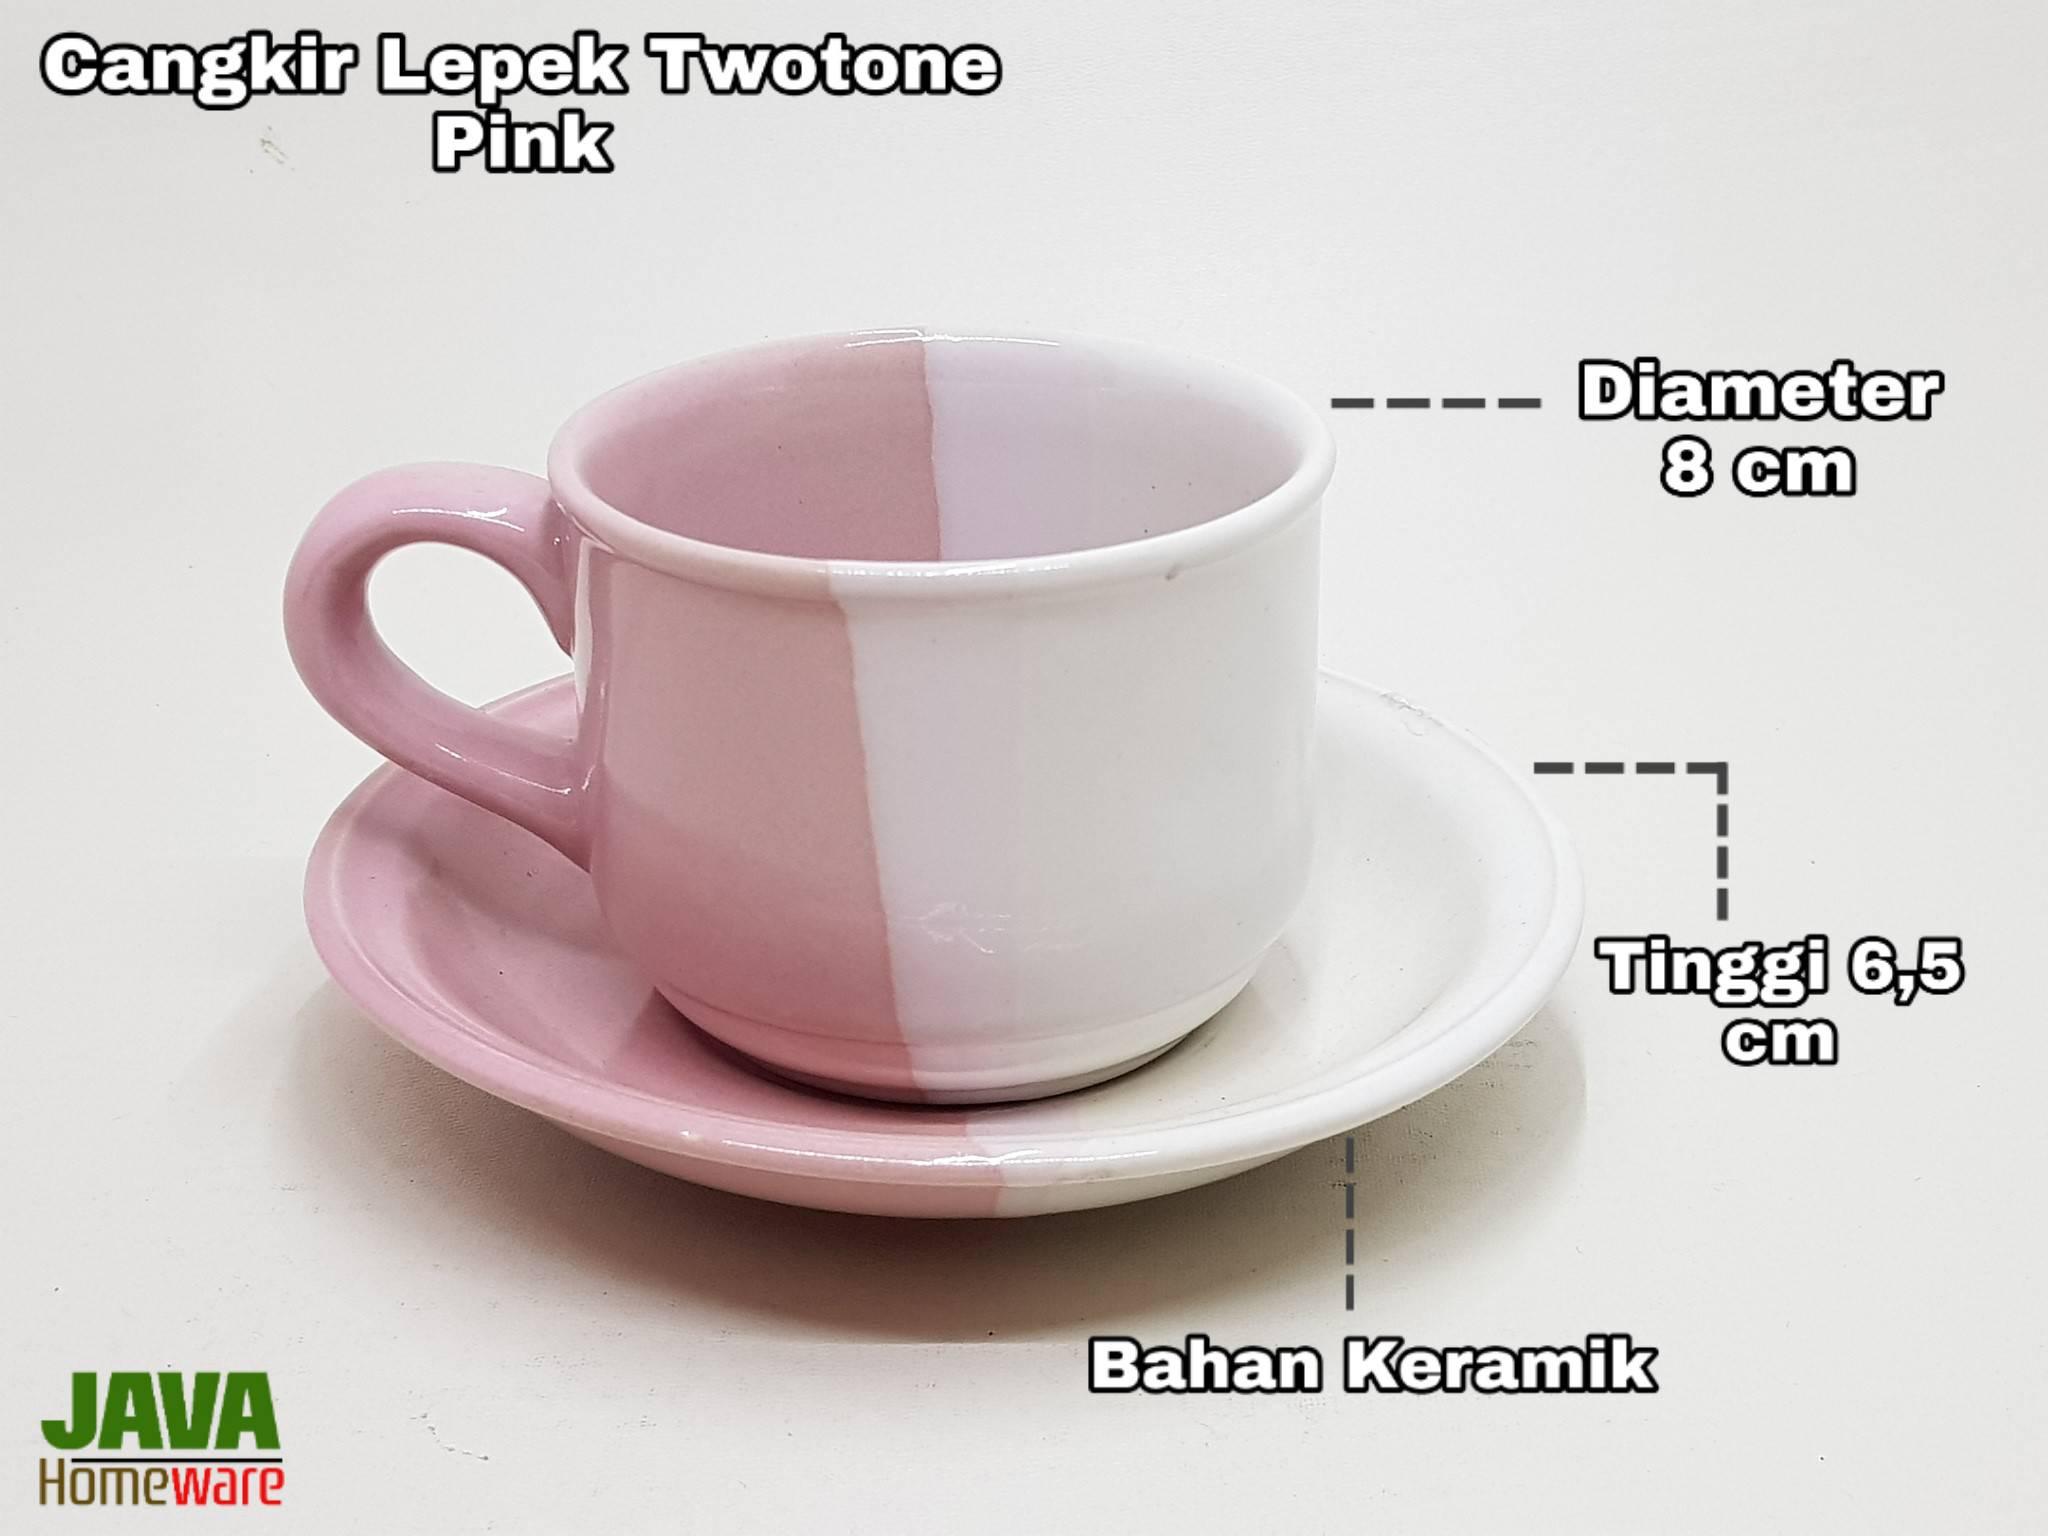 Cangkir Lepek two tone Pink